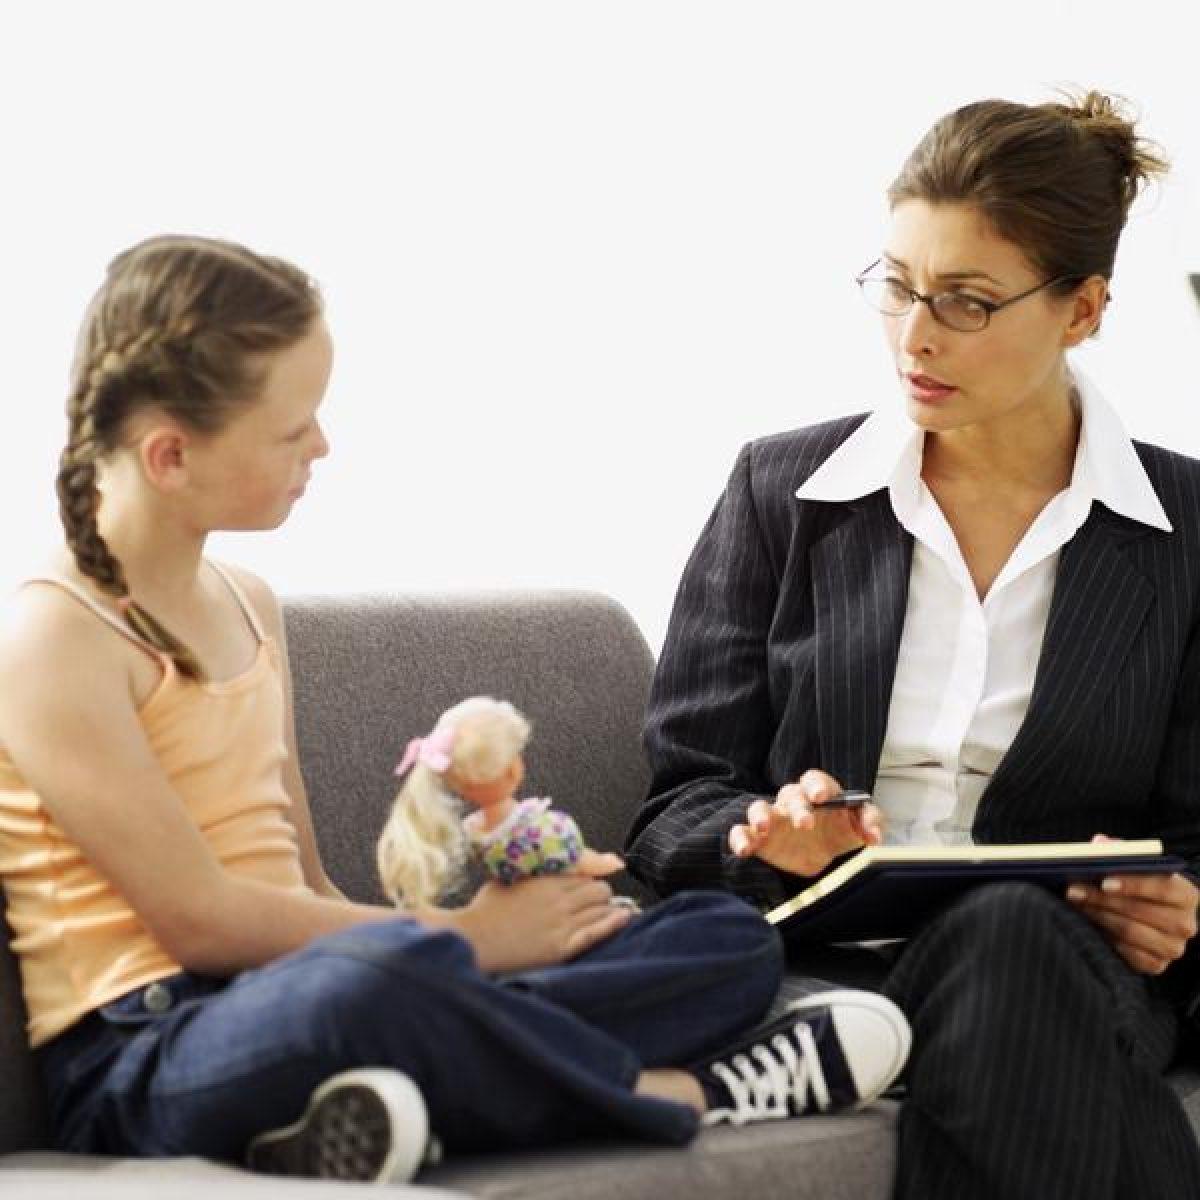 Α. Καππάτου: O ρόλος – έργο του ψυχολόγου στη ψυχική υγεία του παιδιού μας